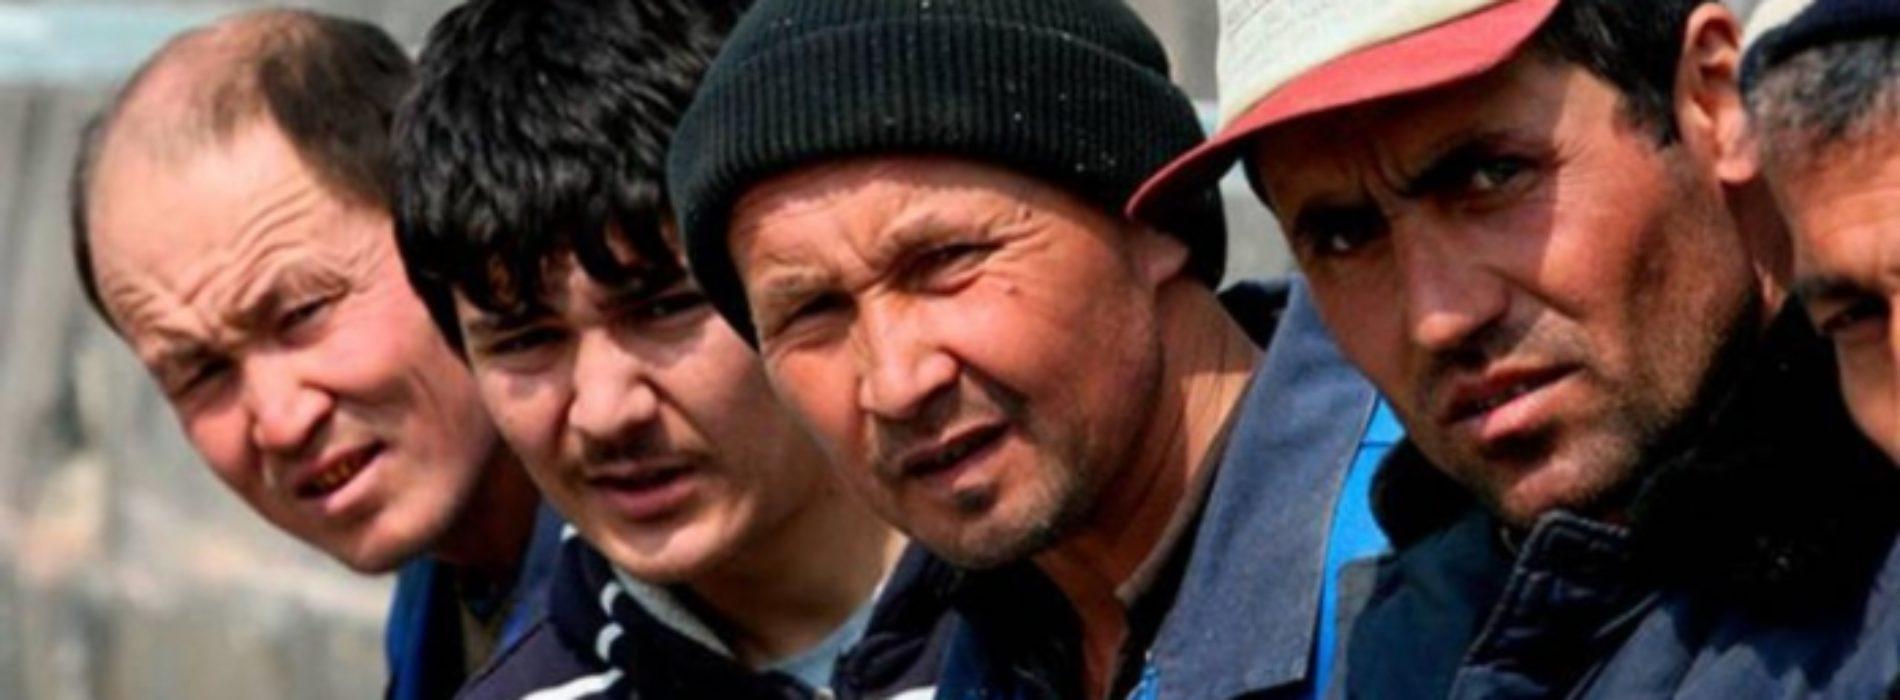 Как законно привлечь трудовых мигрантов, объяснил Биржан Нурымбетов